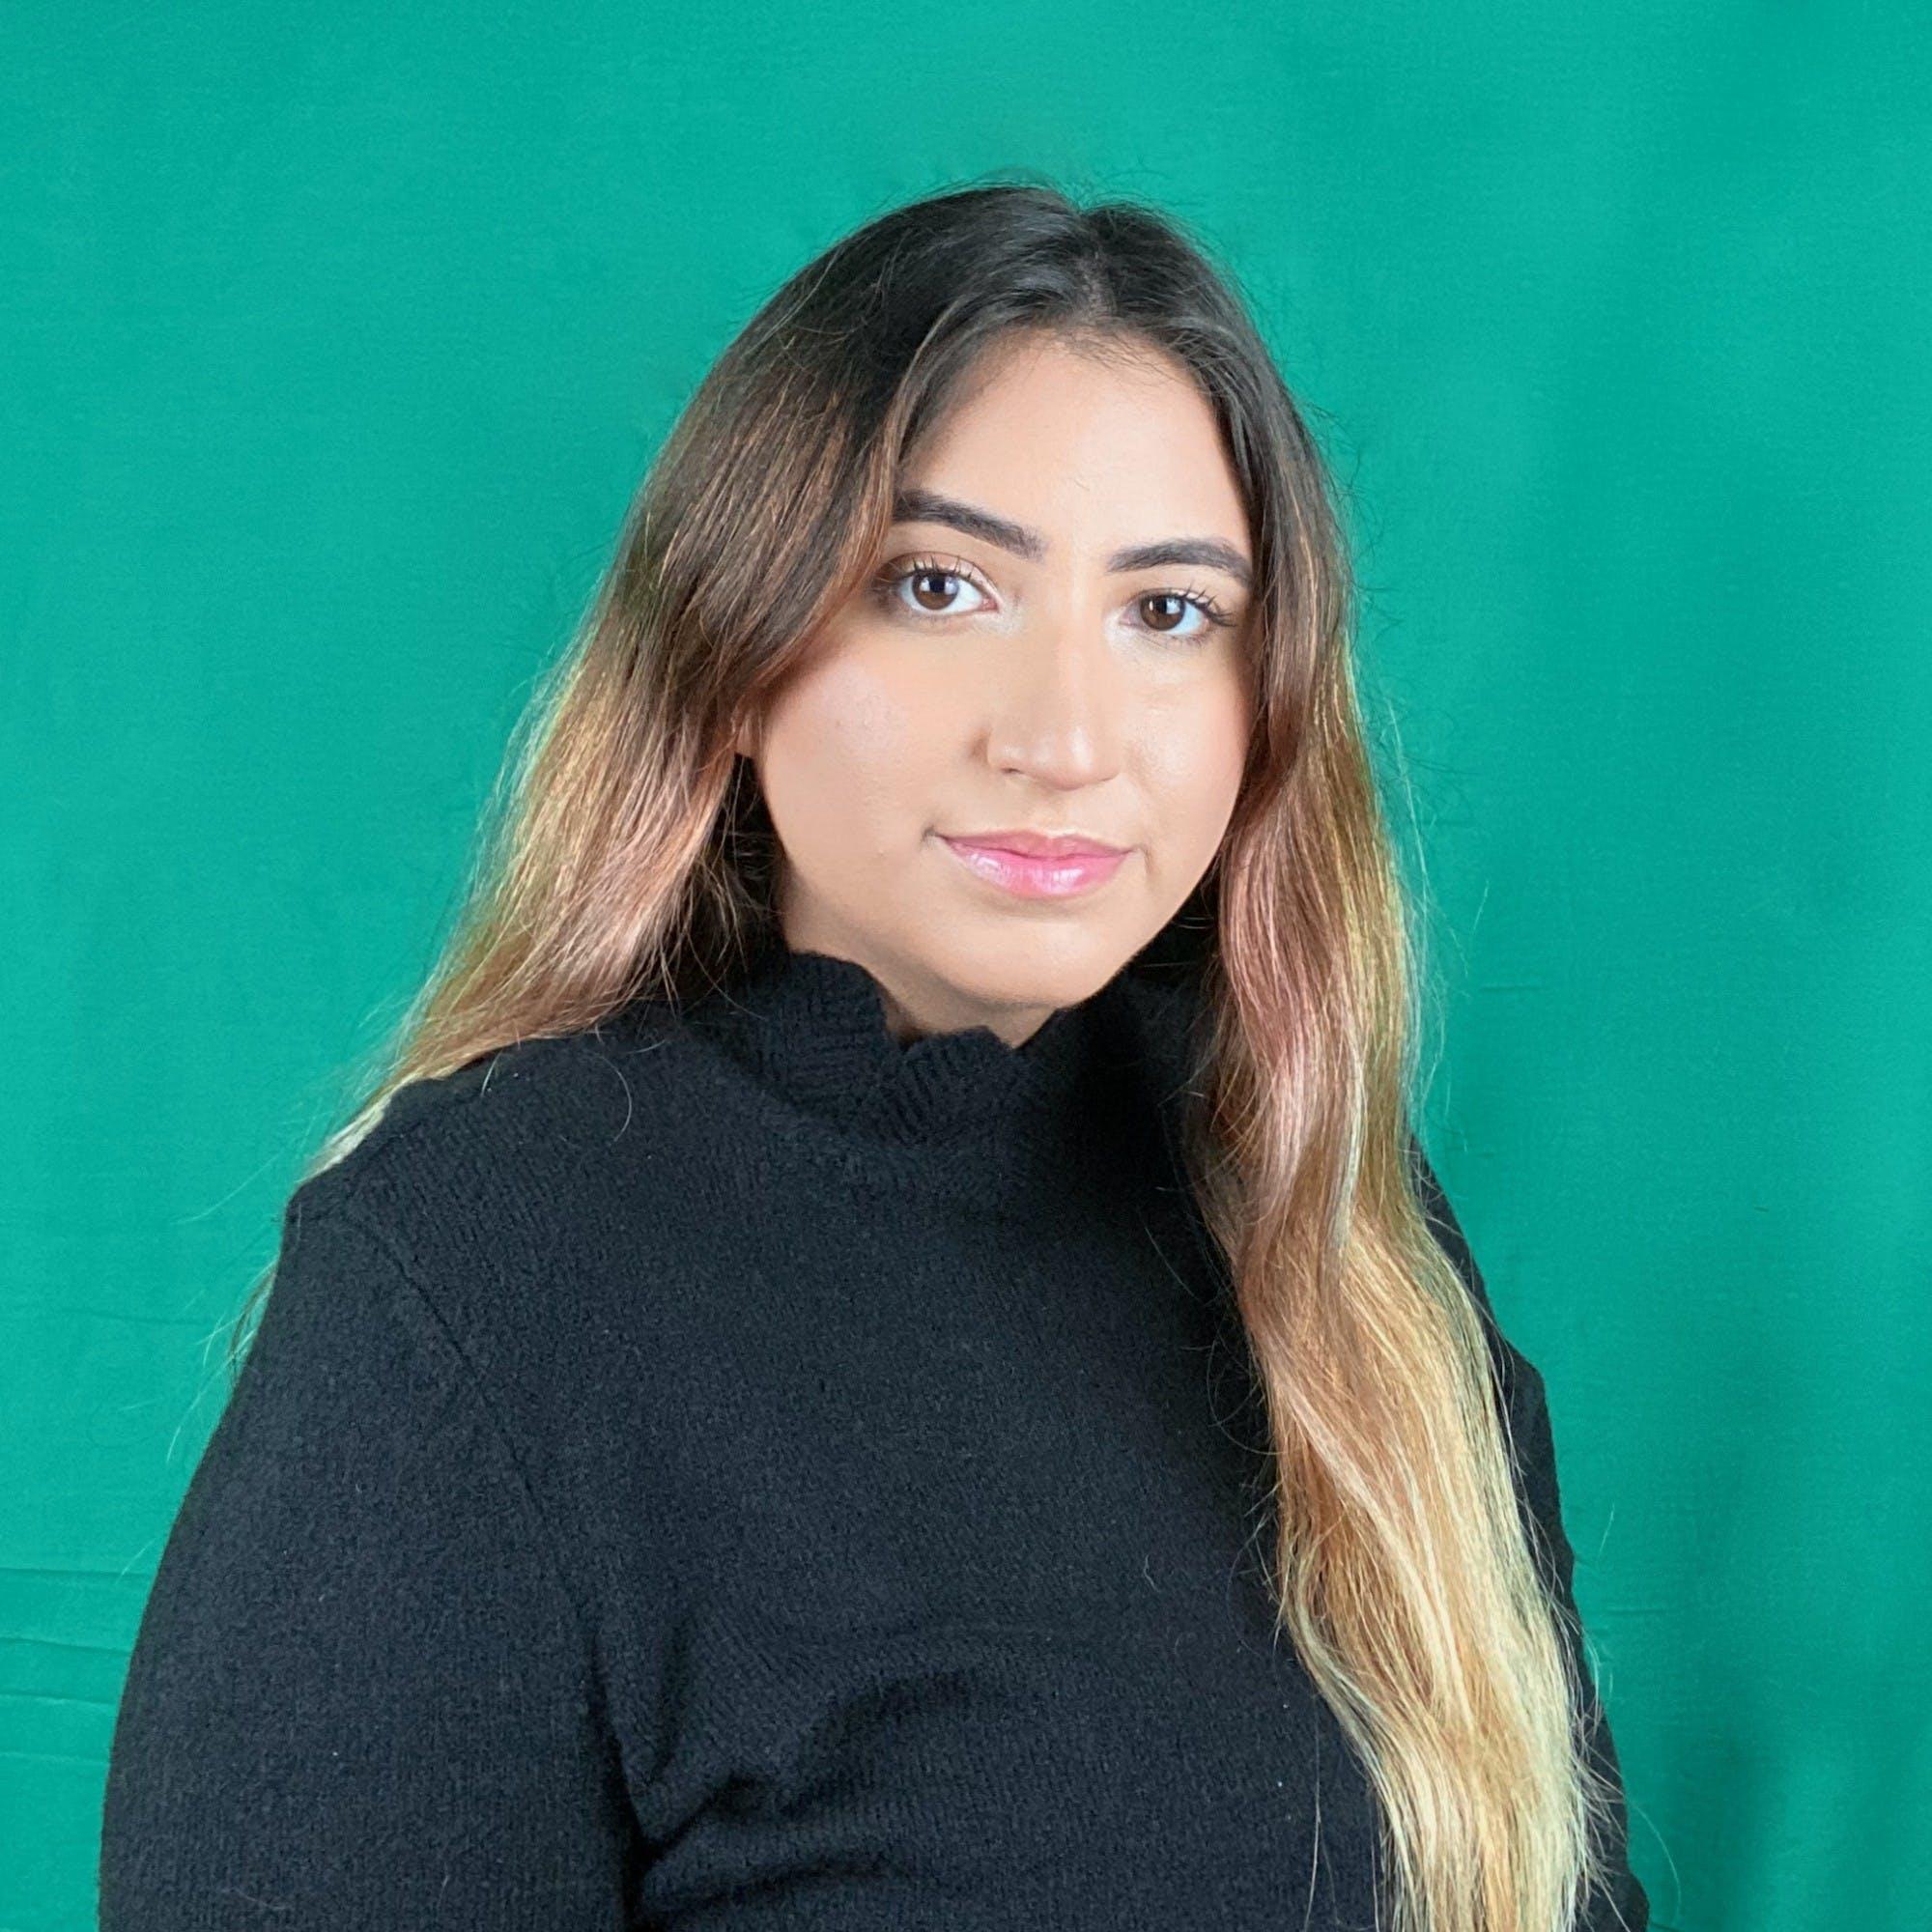 Gisell Padilla